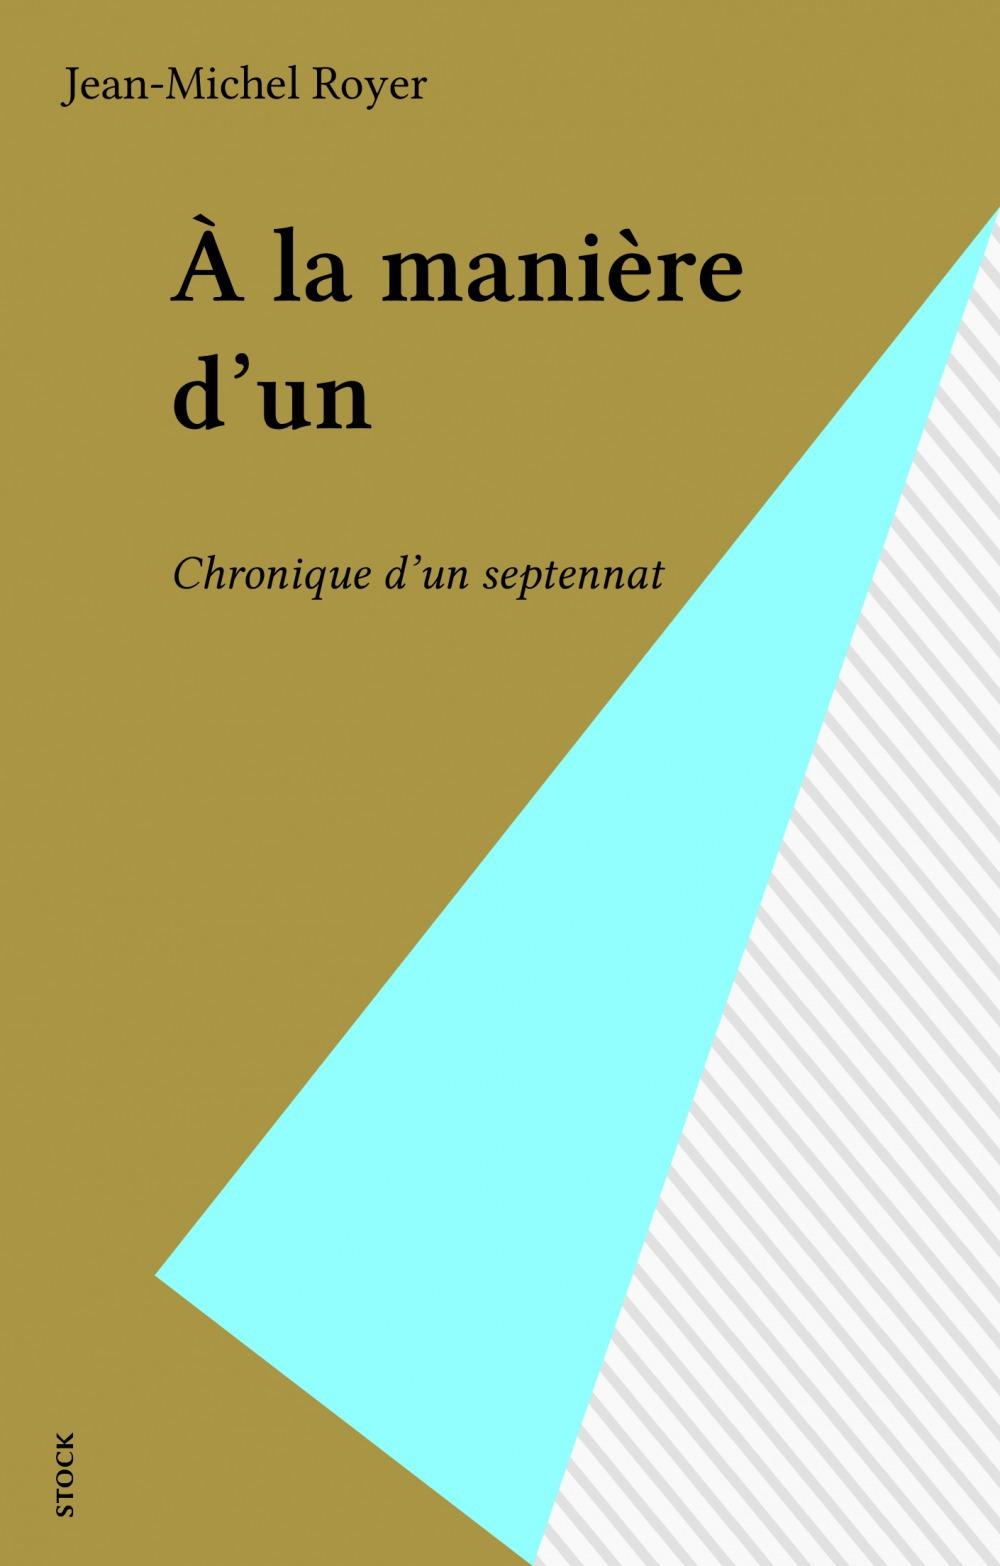 À la manière d'un  - Jean-Michel Royer